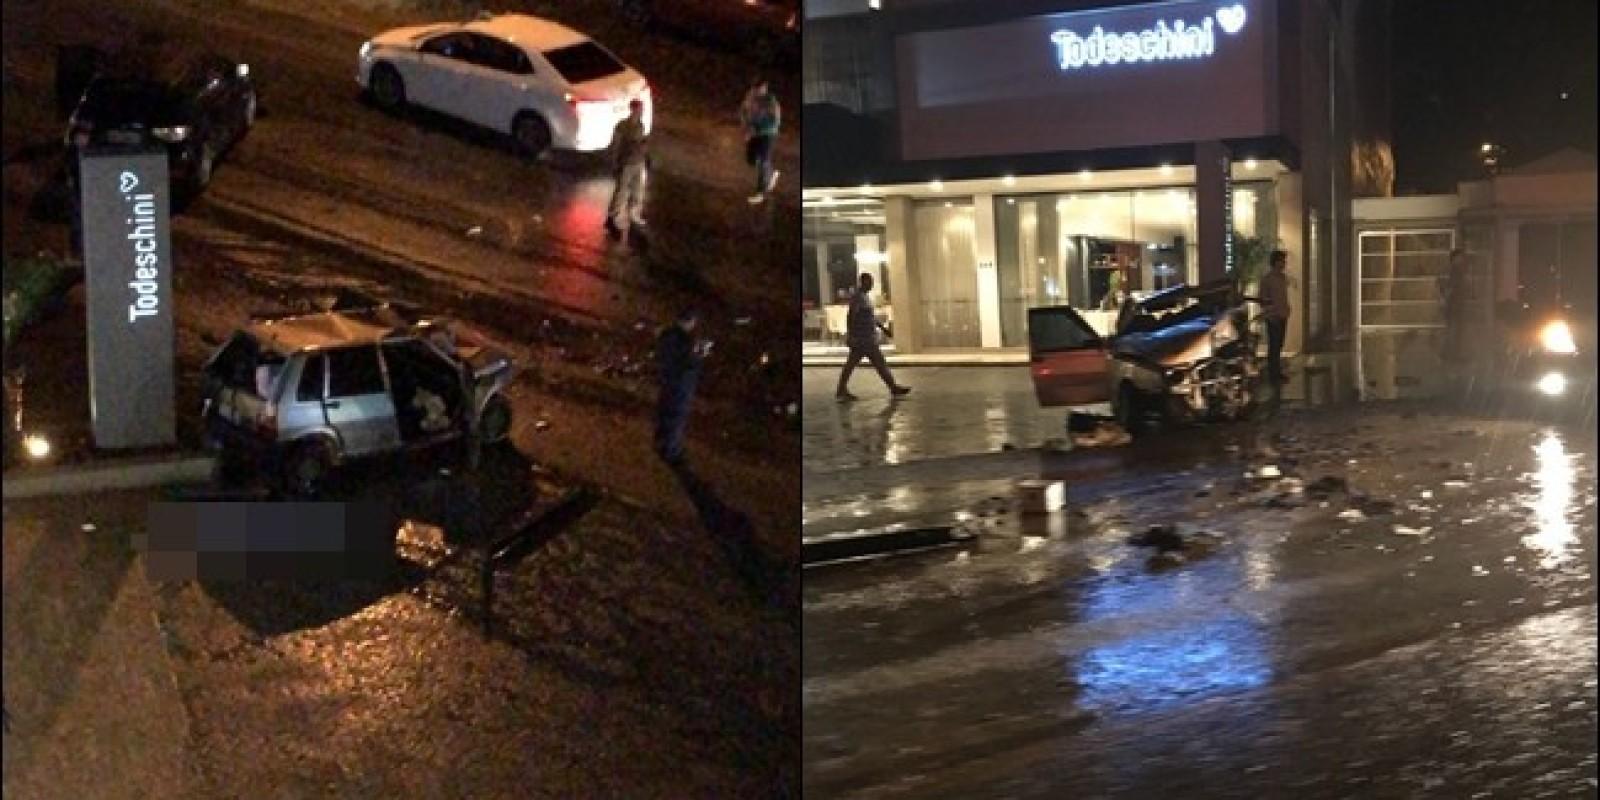 Acidente com vítima fatal é registrado em Orleans